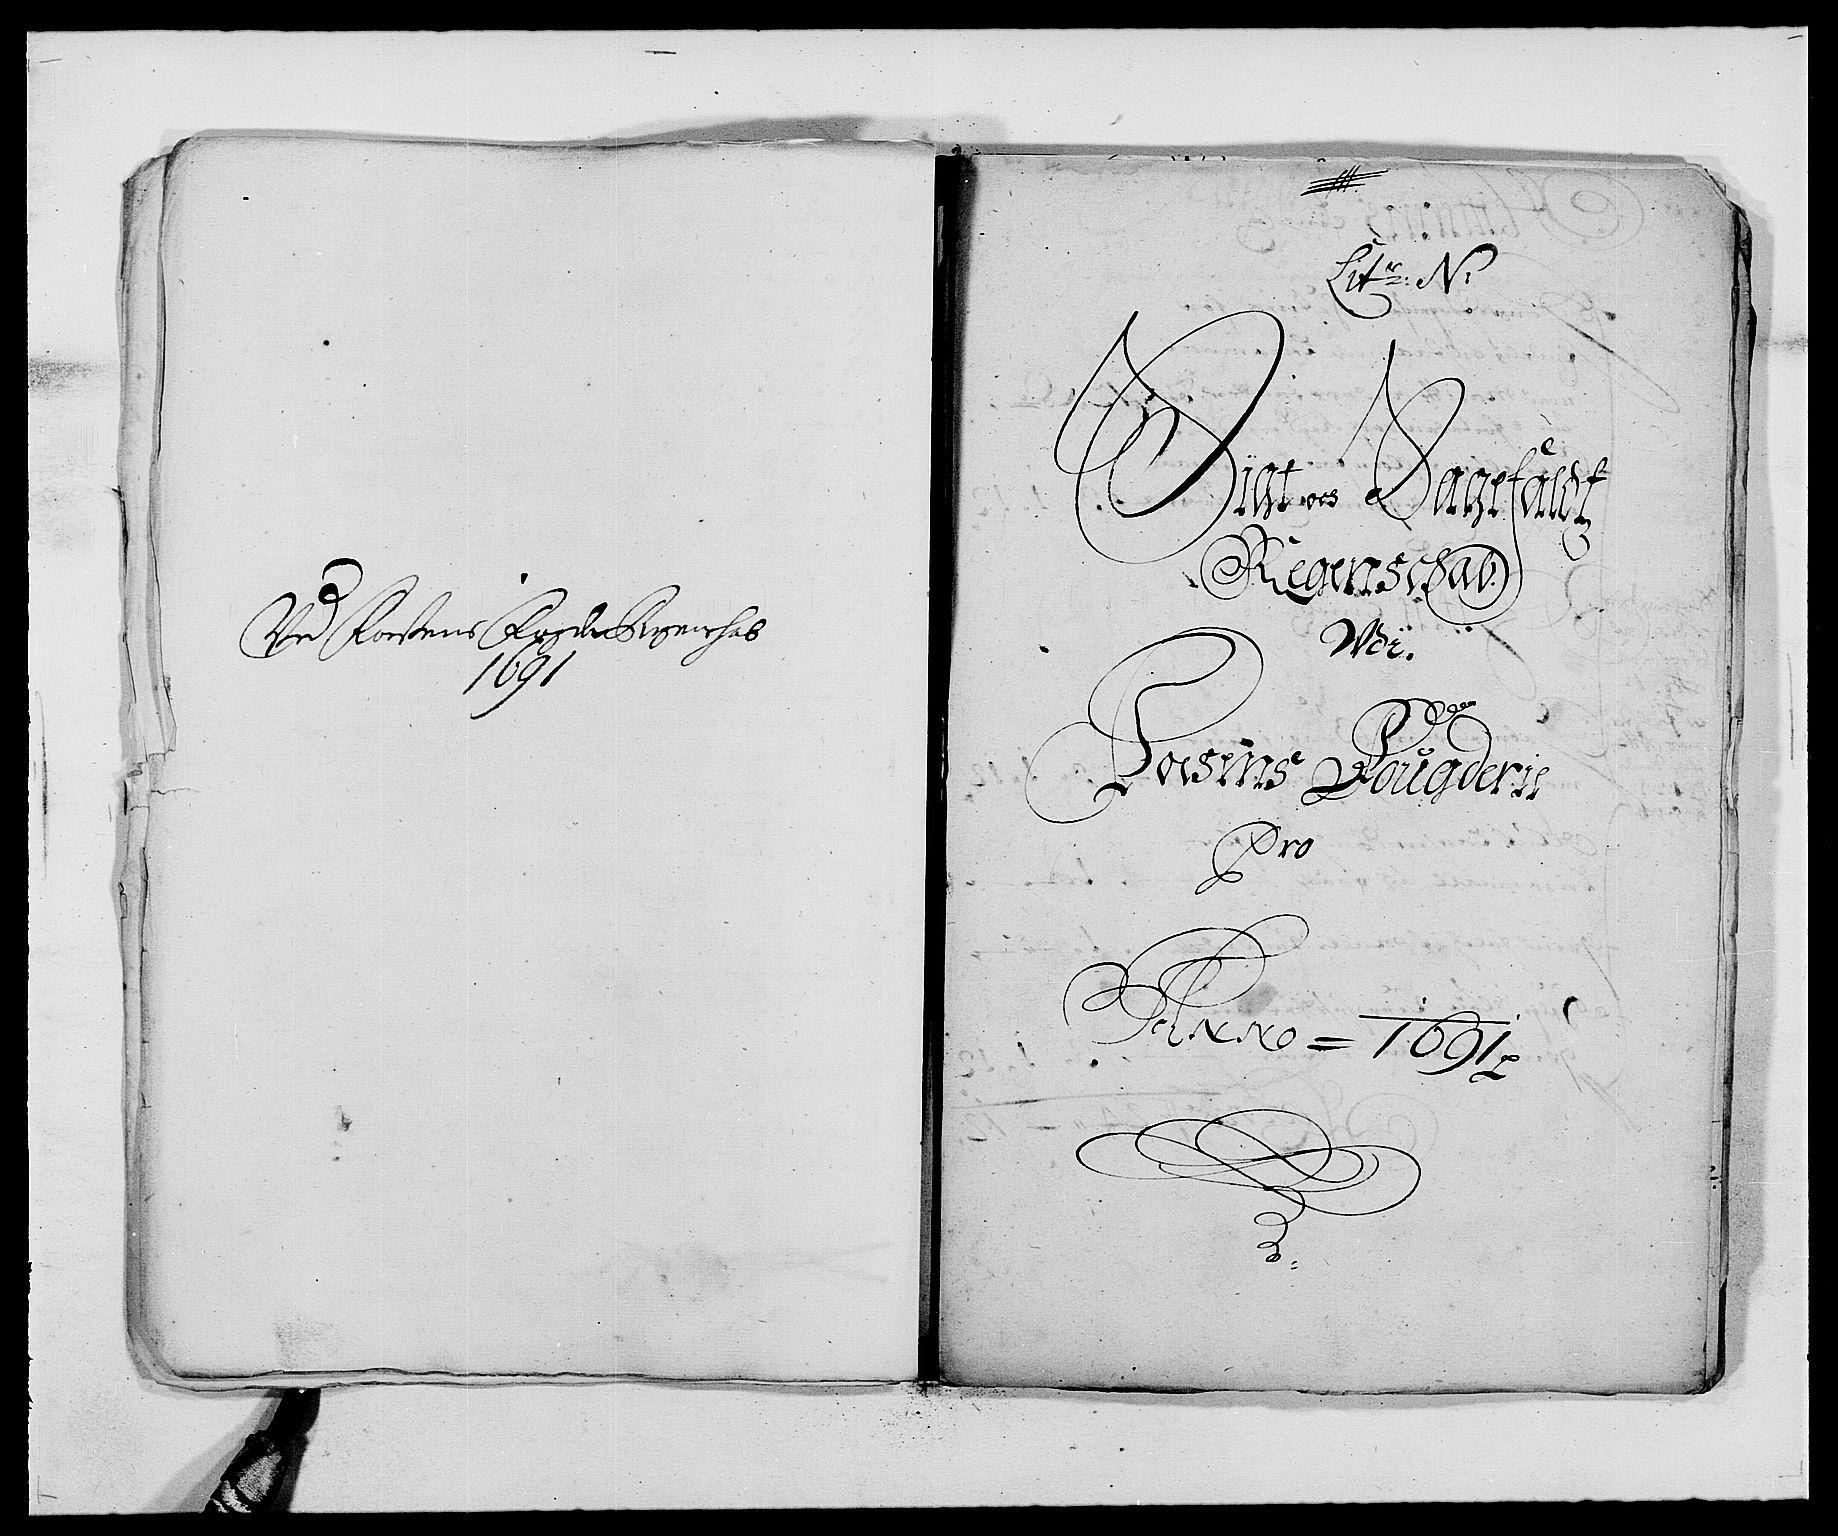 RA, Rentekammeret inntil 1814, Reviderte regnskaper, Fogderegnskap, R57/L3848: Fogderegnskap Fosen, 1690-1691, s. 334